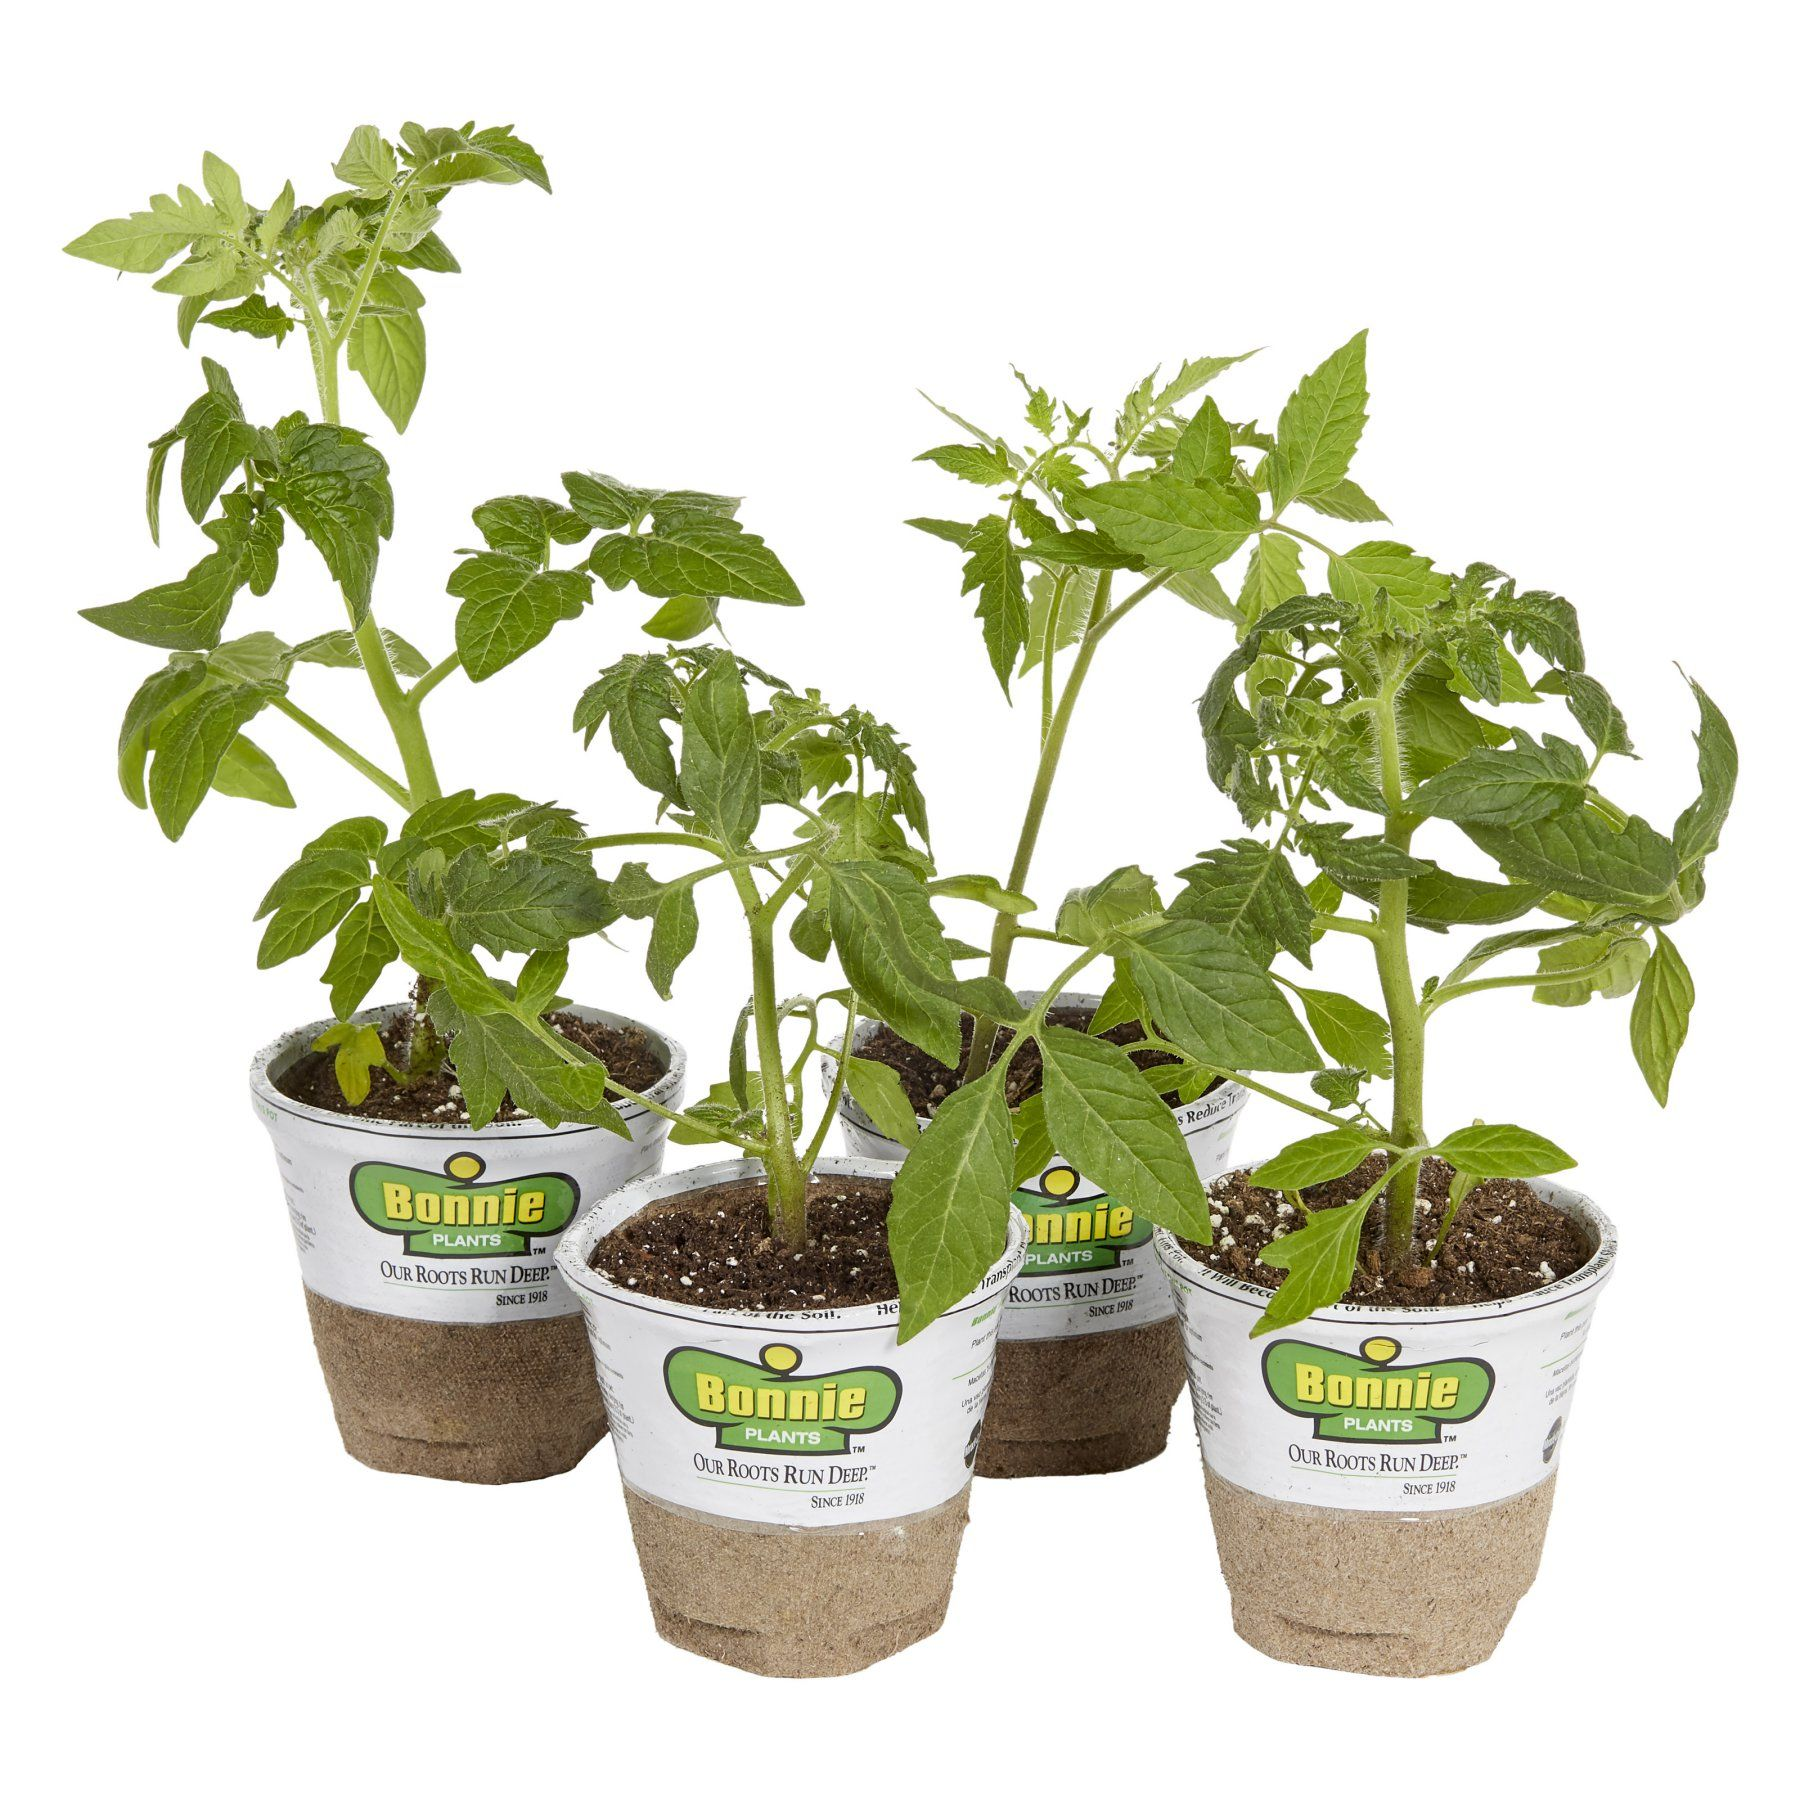 Bonnie Plants Bonnies Top Tomatoes Set Of 4 Live Plants